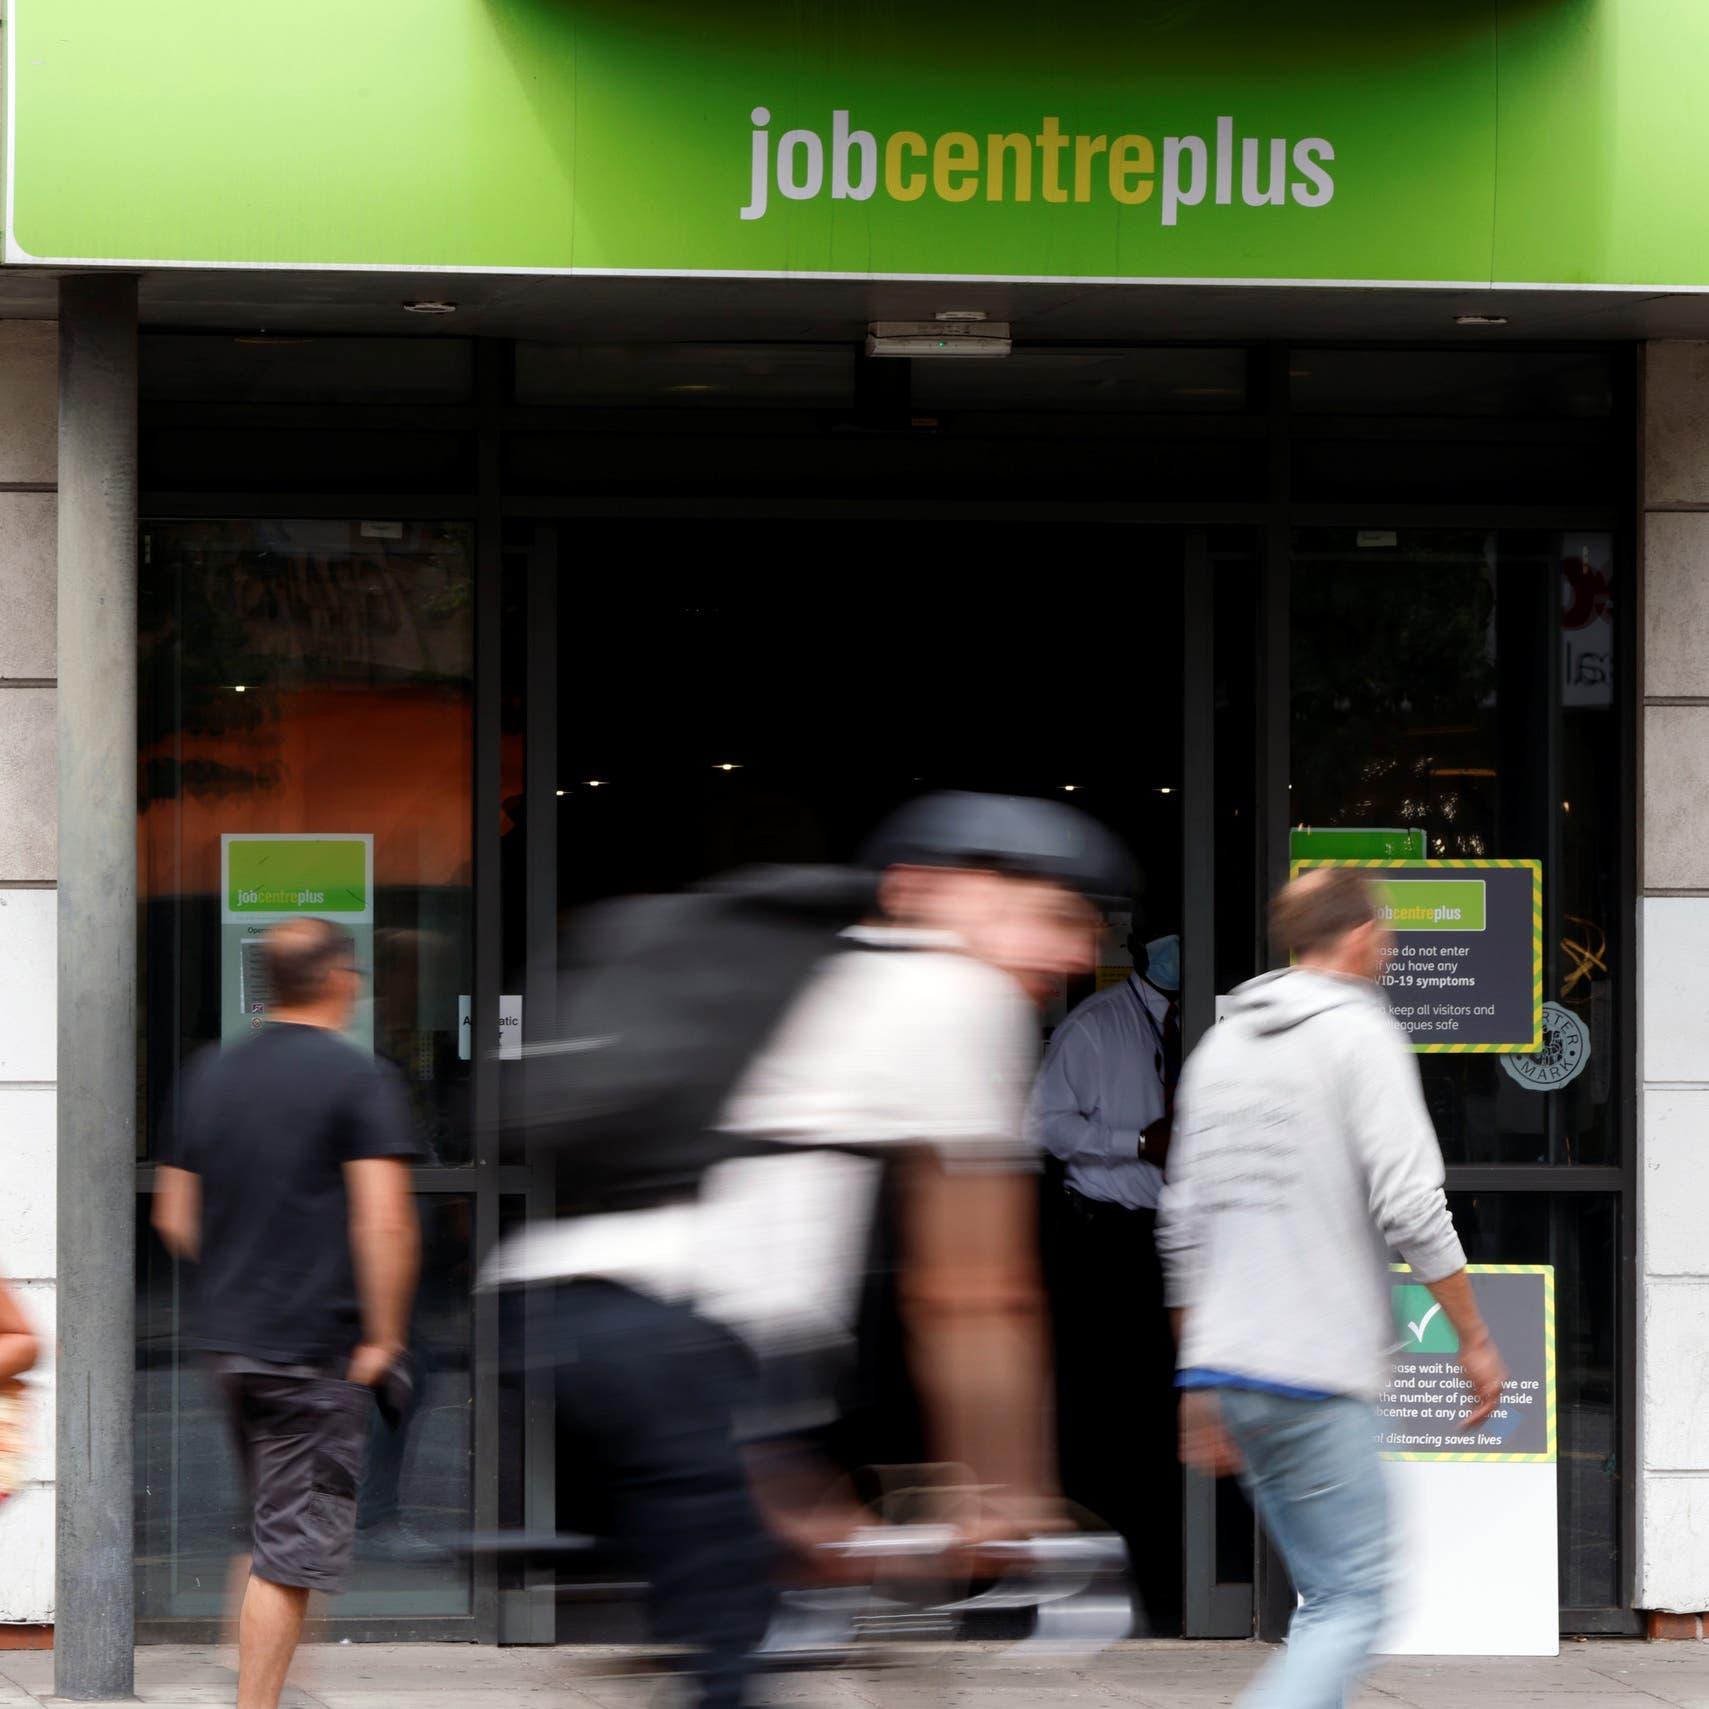 عدد الموظفين في بريطانيايرتفع مع استمرار الانتعاش الاقتصادي